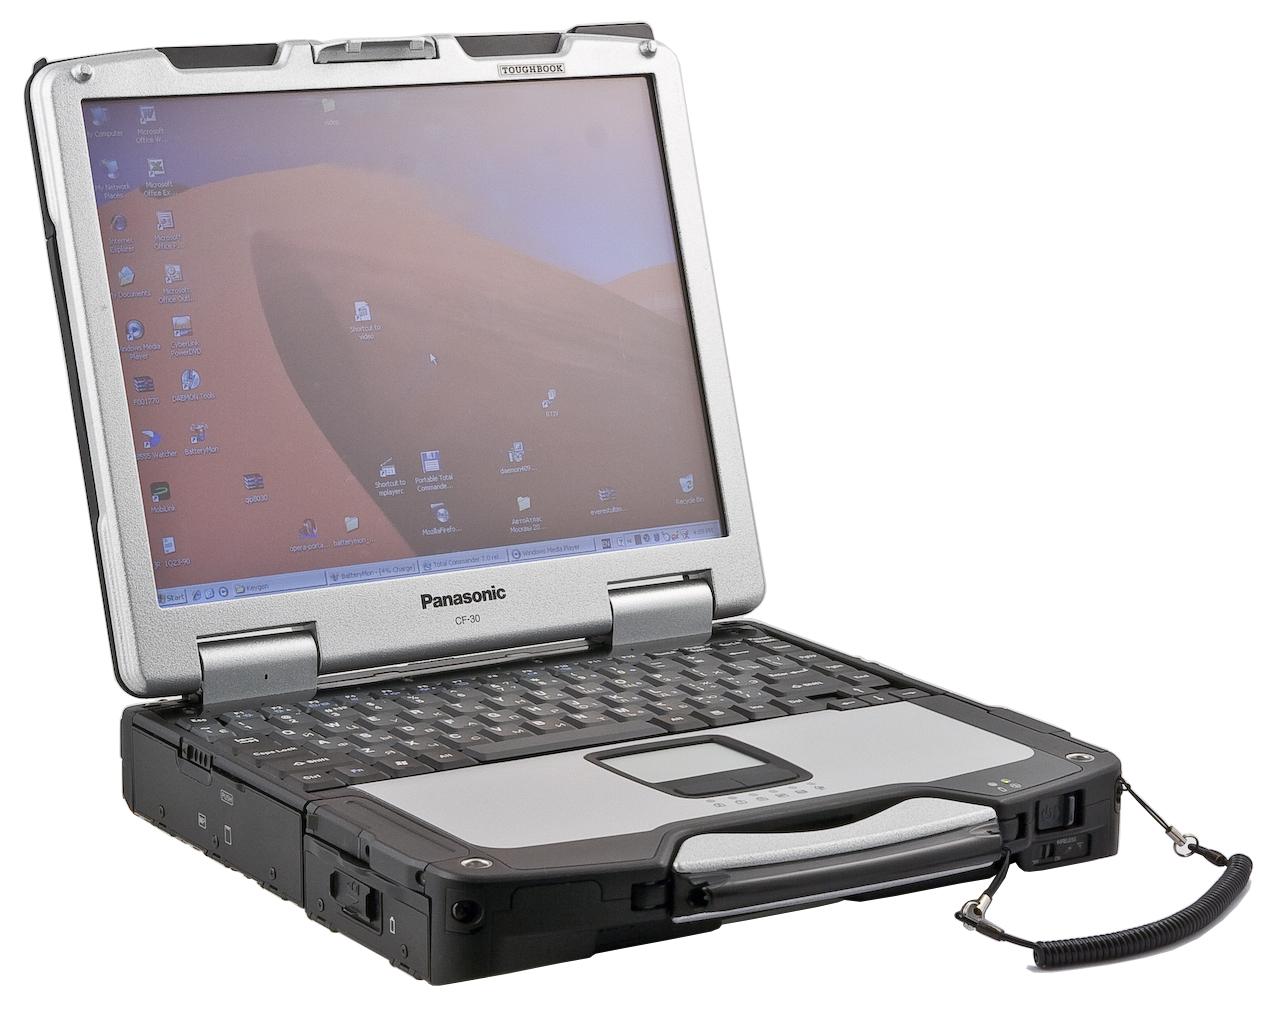 Thu mua laptop cũ panasonic tại hà nội